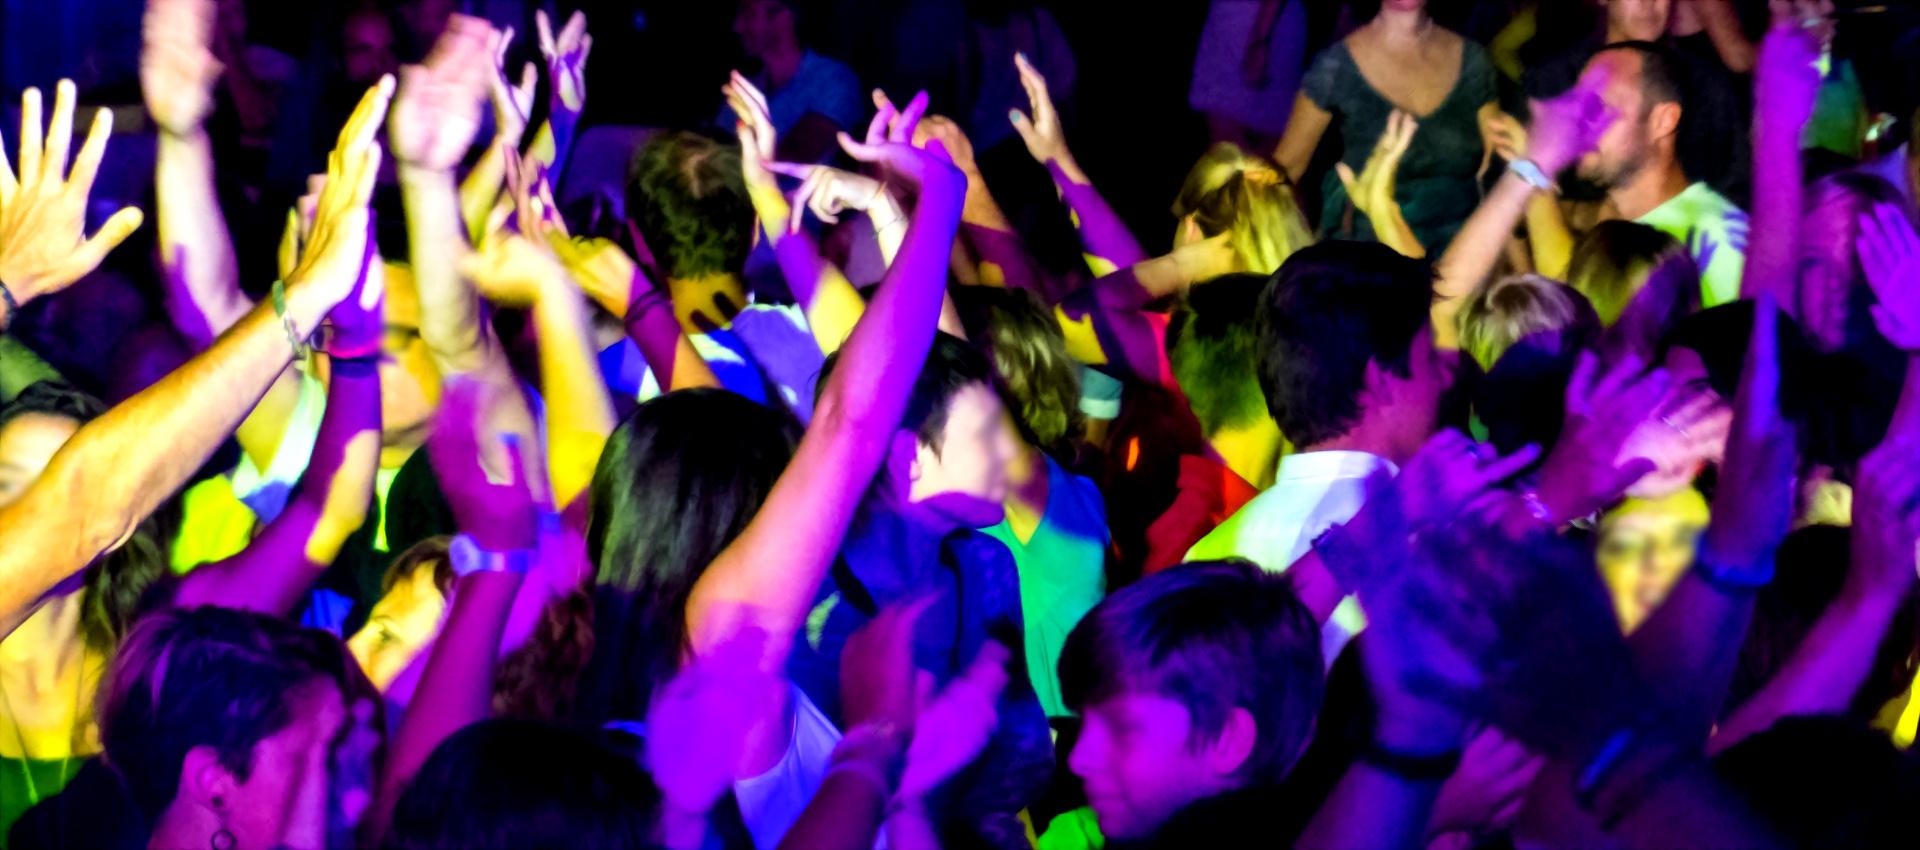 Public de soirée dansante